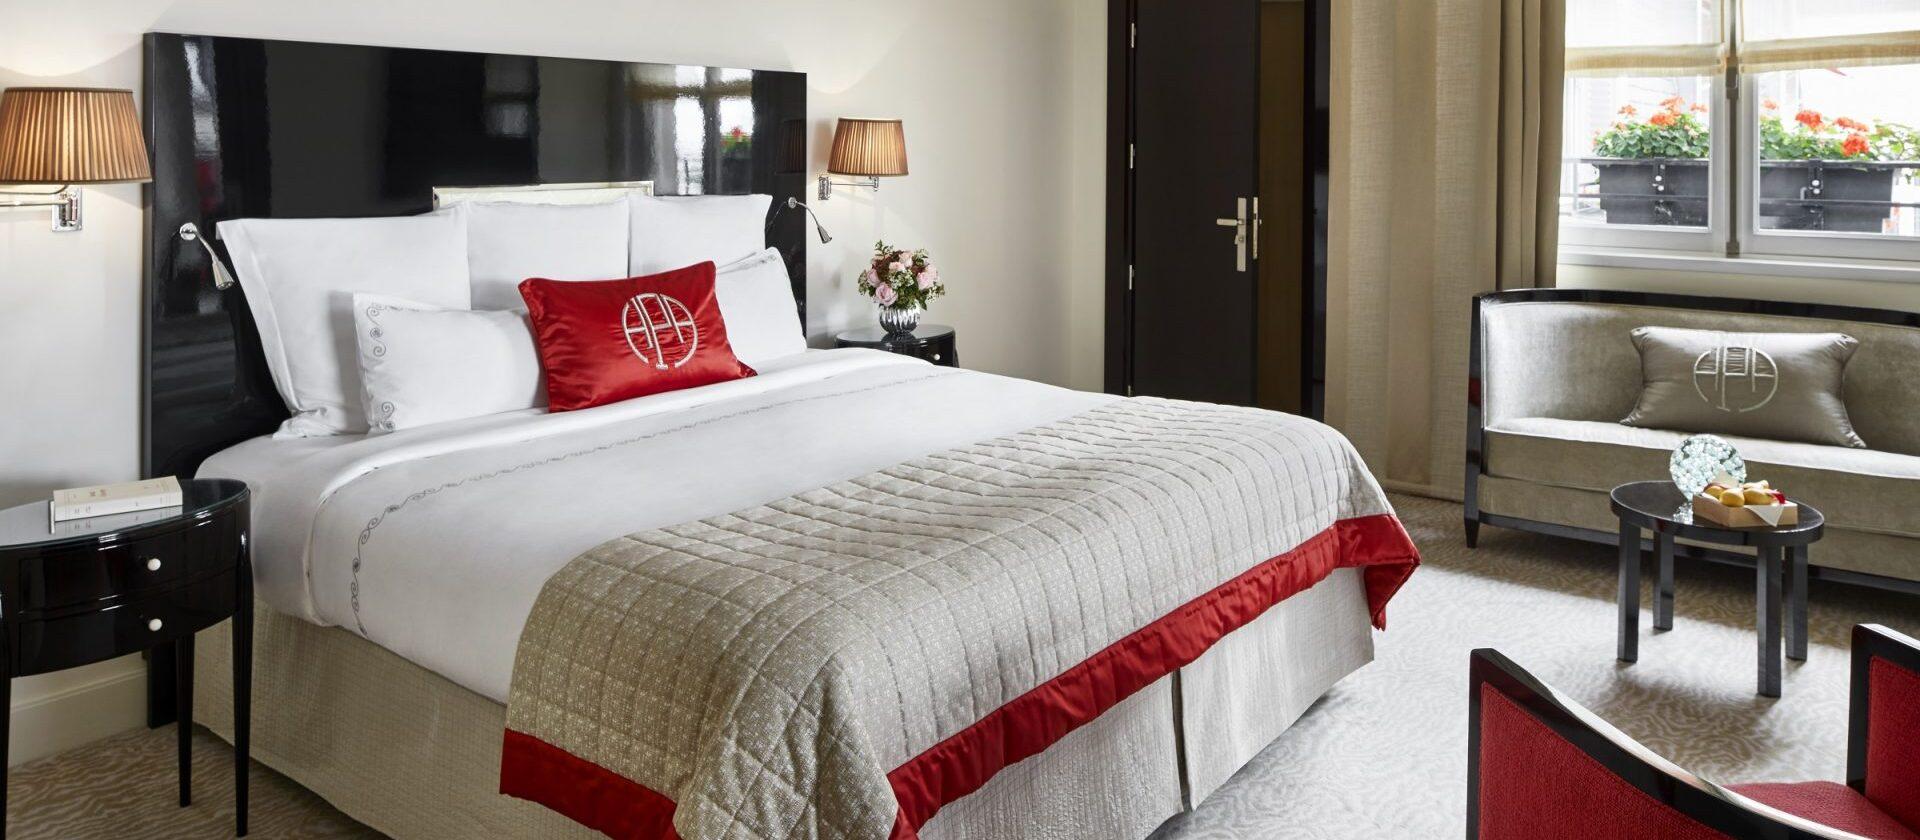 L 39 appartement paris h tel plaza ath n e dorchester - Salon prestige organza ...